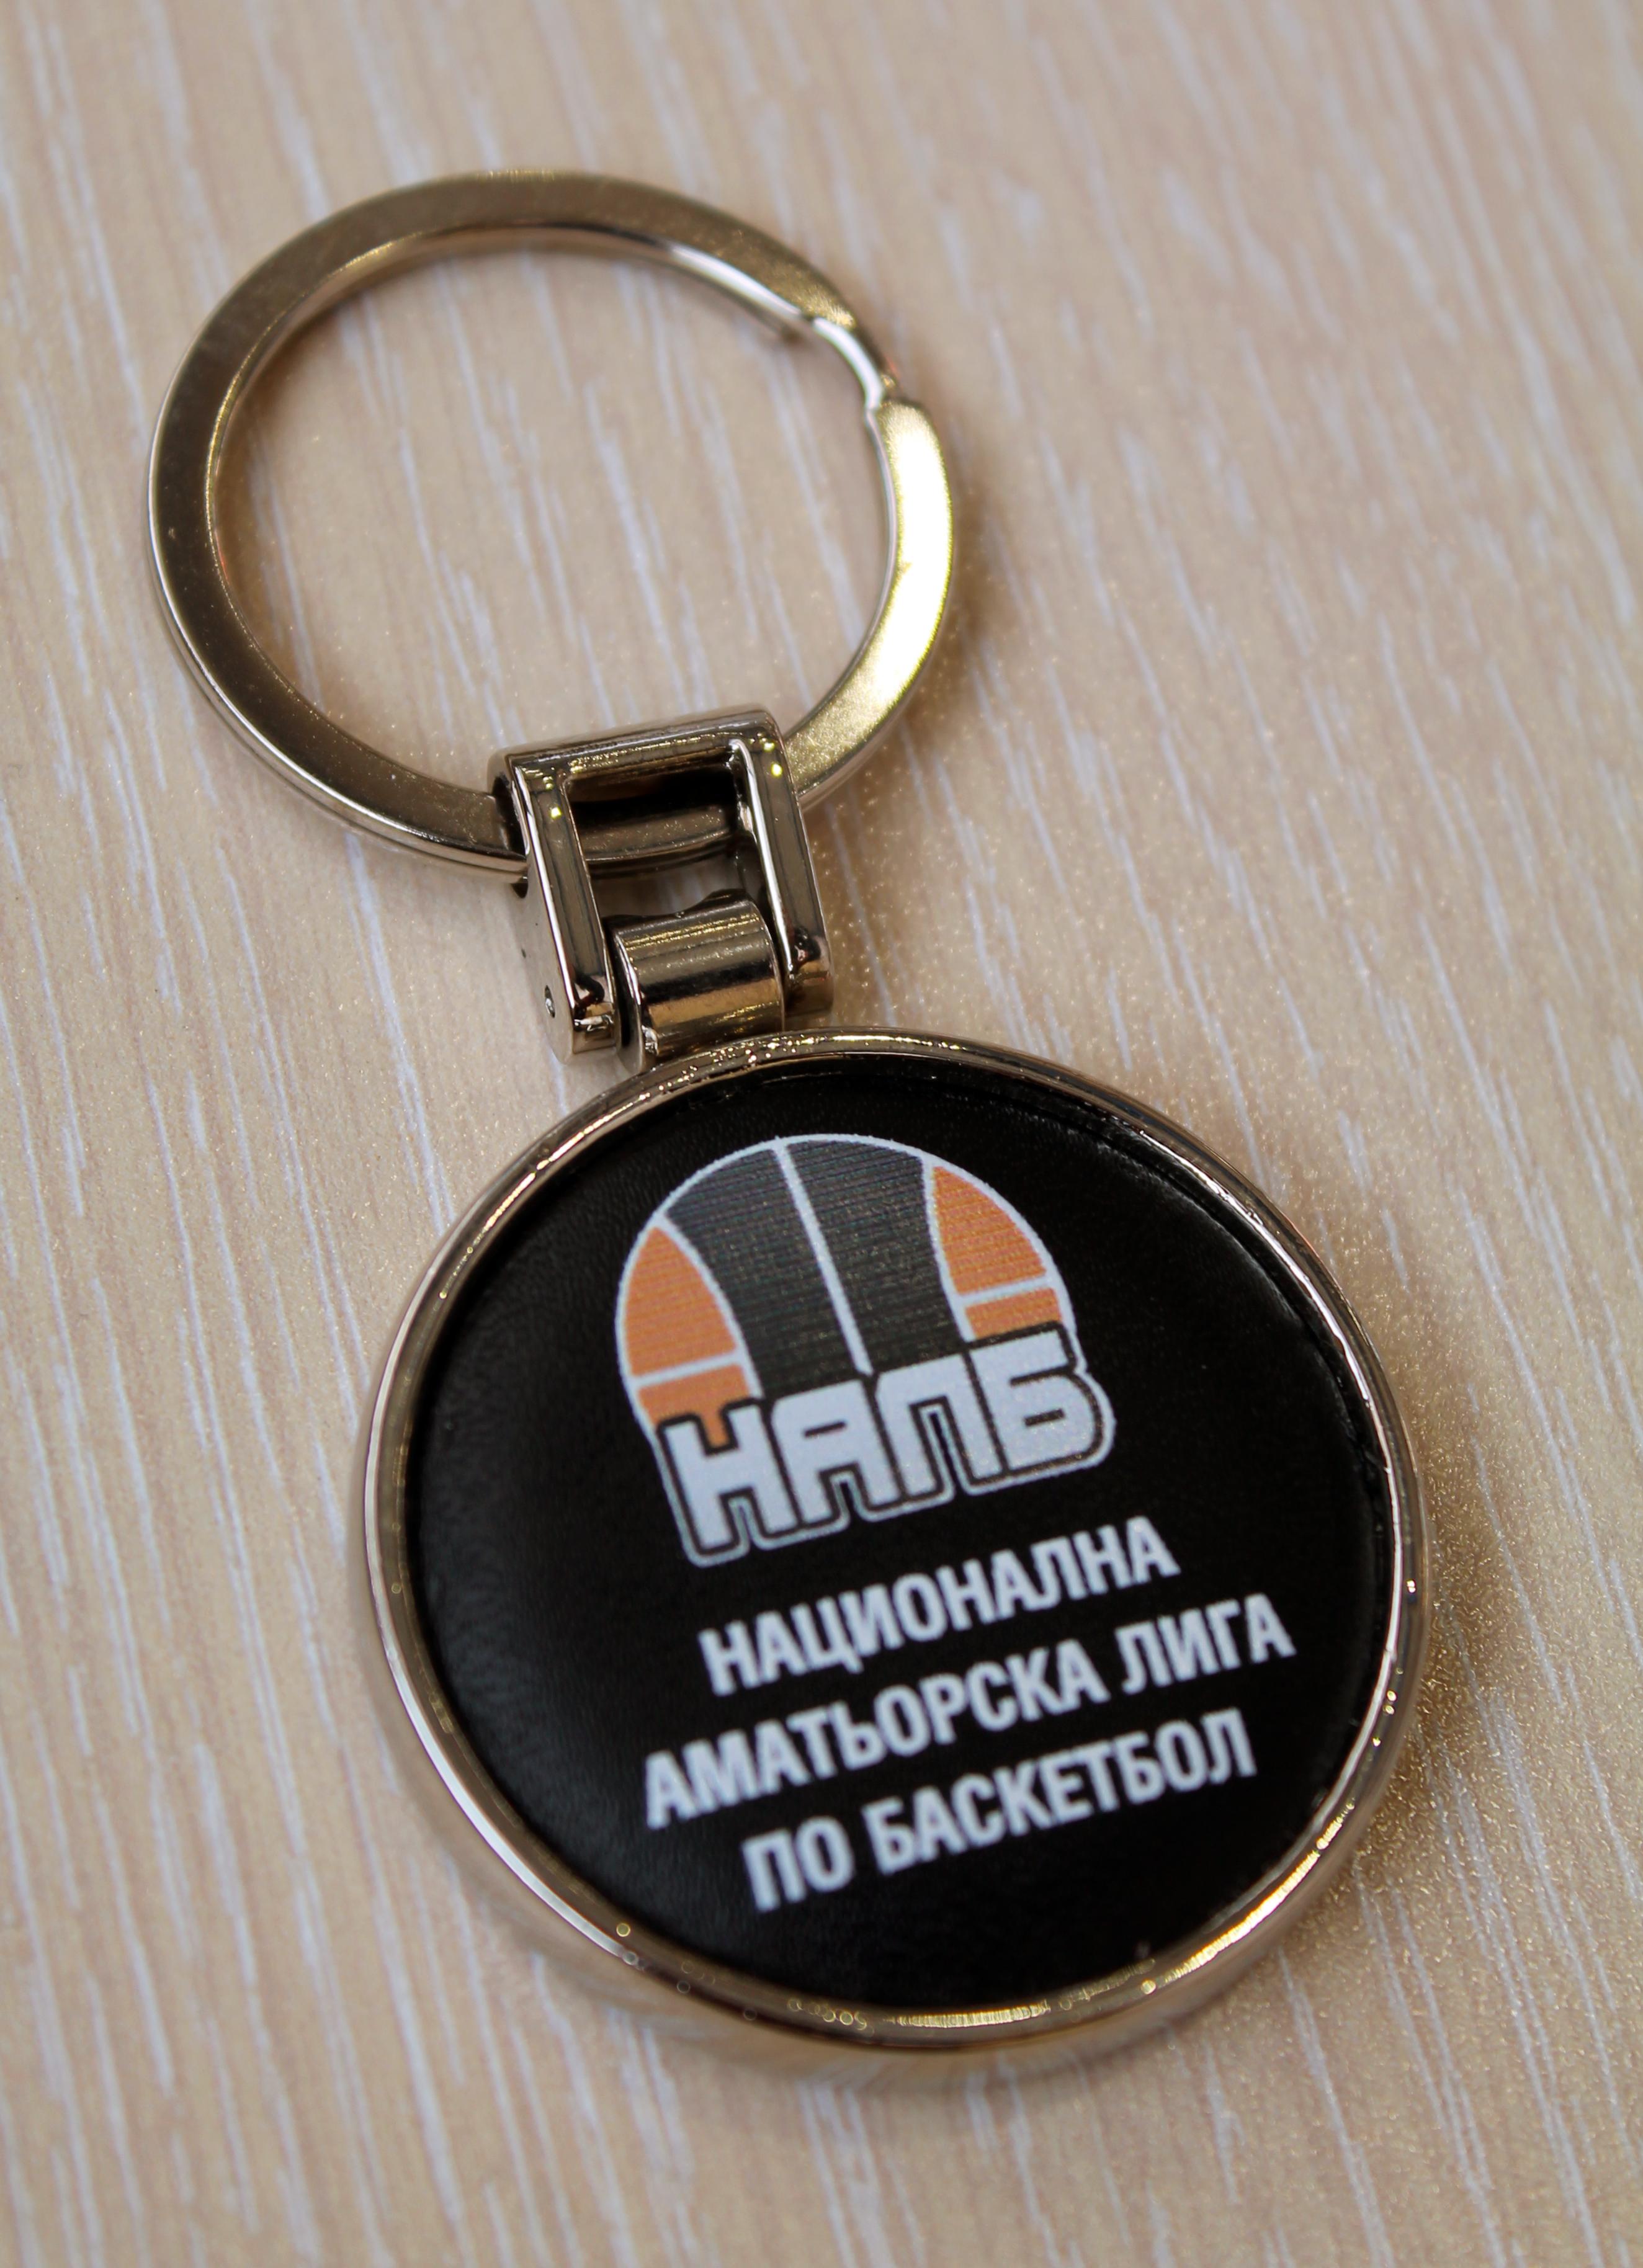 Кожен ключодържател - 4.00 лева